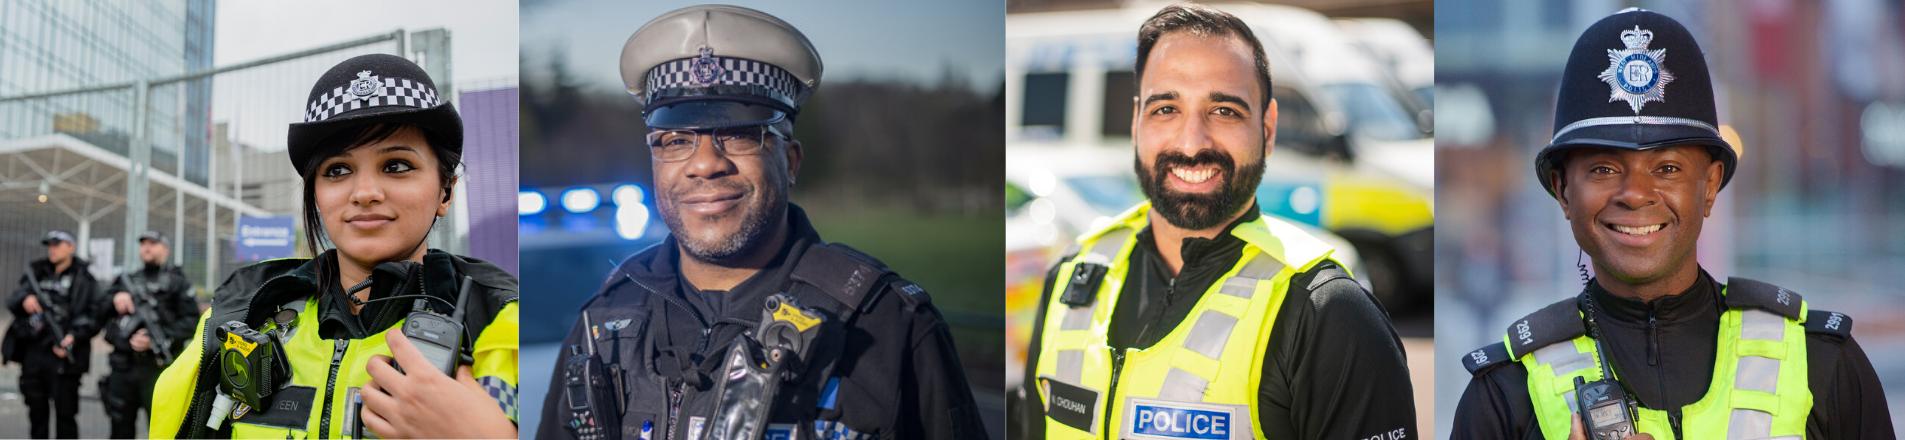 Image bank of diverse  West Midlands Police officers.